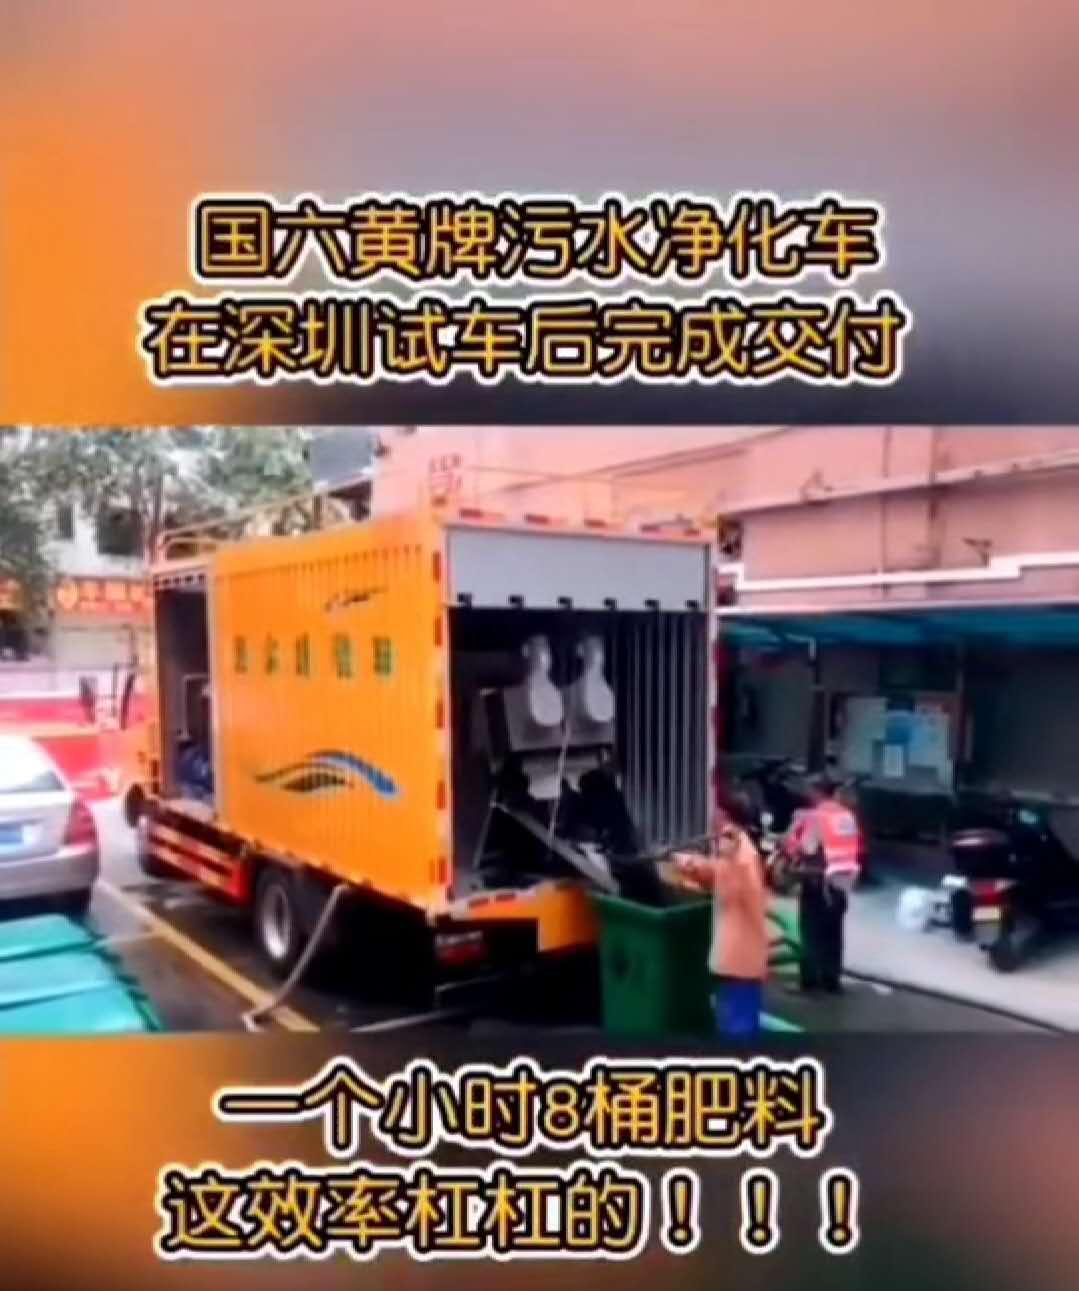 吸污净化车和污水处理车东风厂家客户进行吸污处理效果图片图片